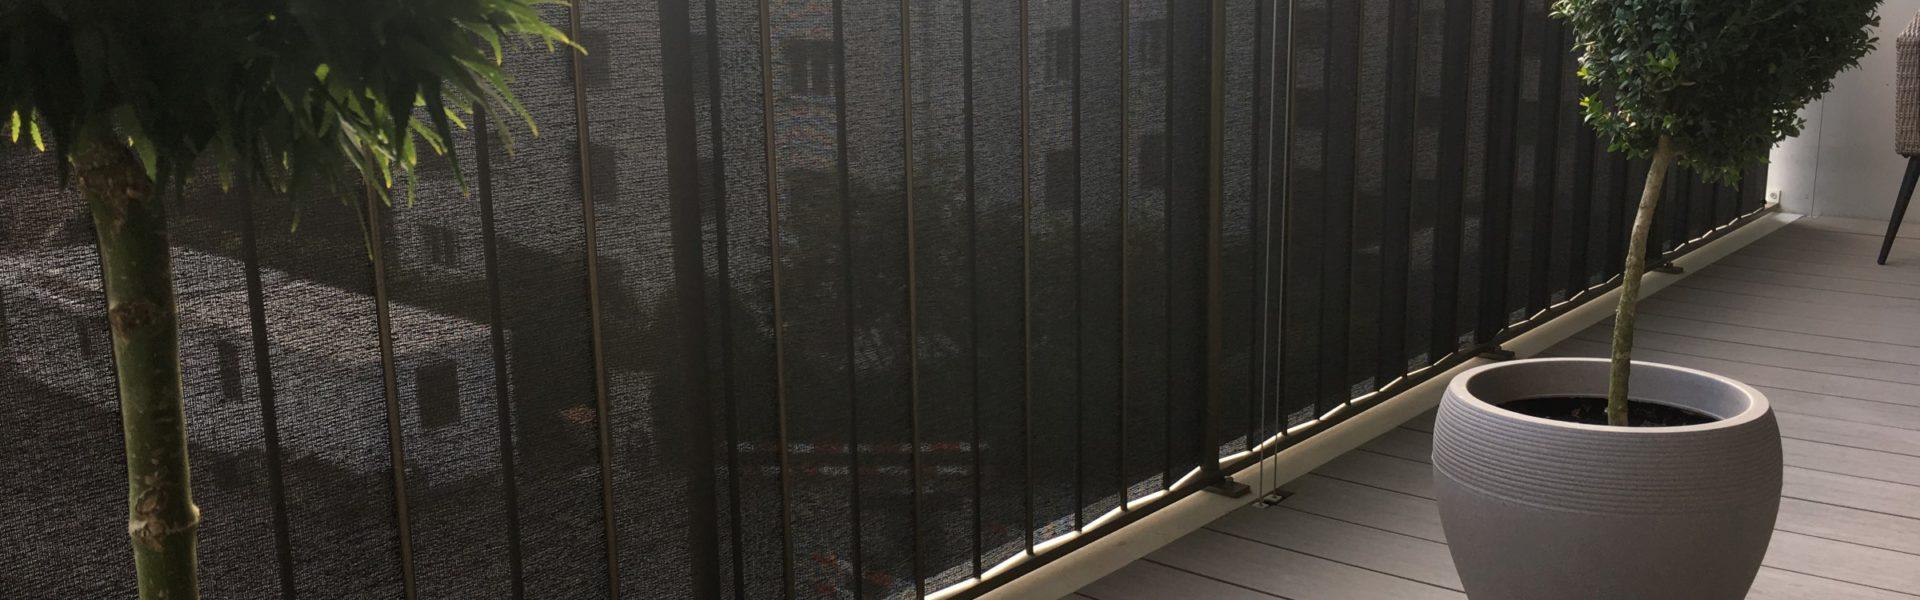 ombra Balkonschutz für Windschutz und Sichtschutz an Balkongeländer eingeflochten